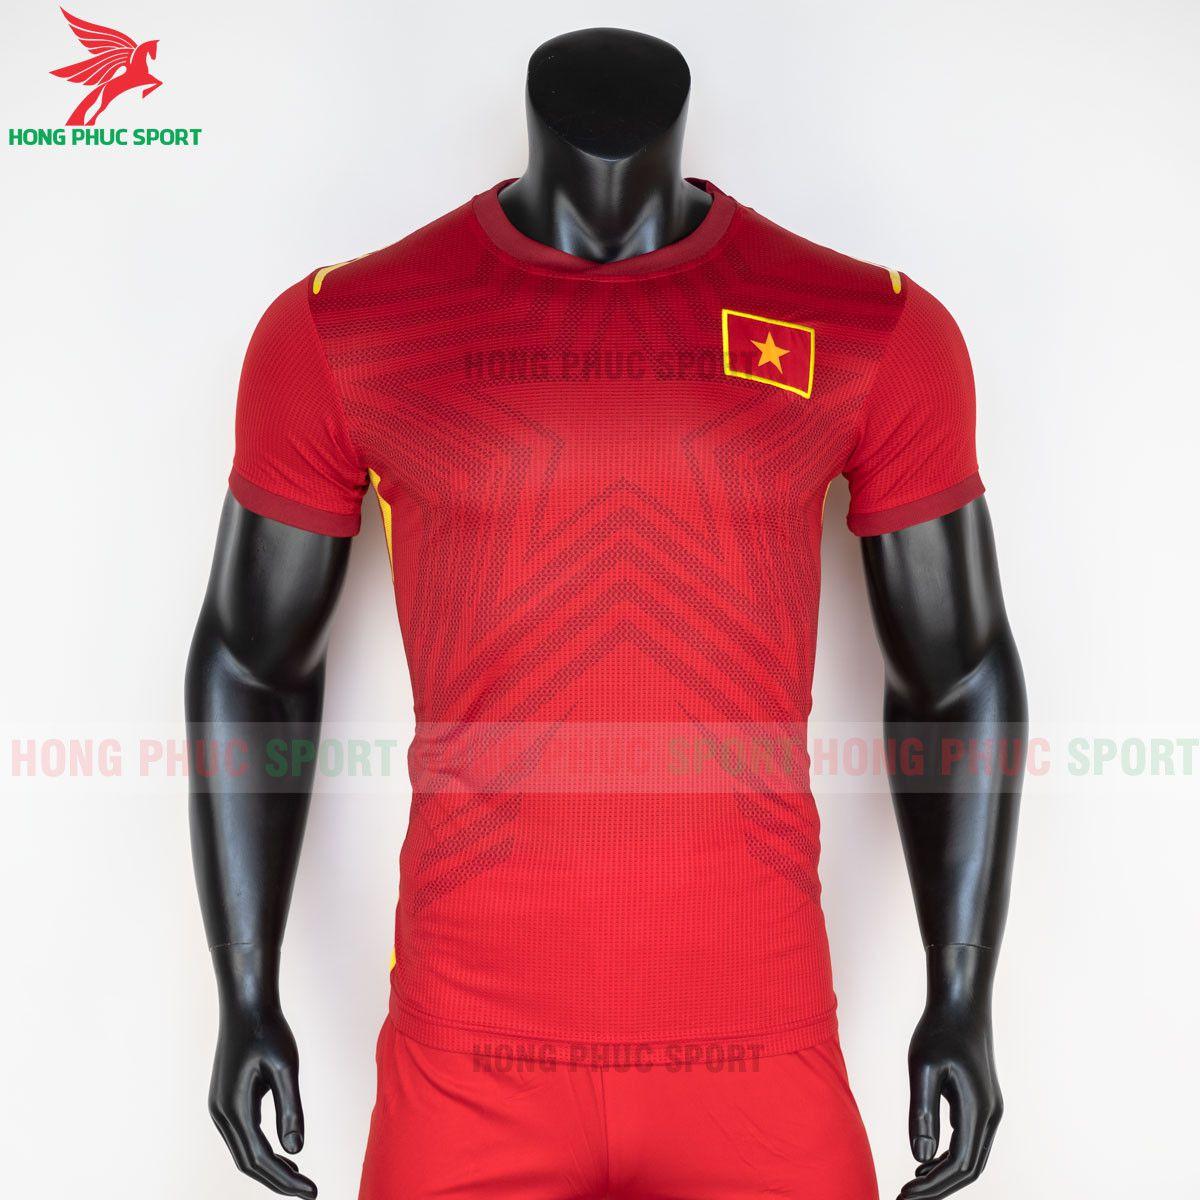 https://cdn.hongphucsport.com/unsafe/s4.shopbay.vn/files/285/ao-bong-da-tuyen-viet-nam-2021-san-nha-hang-thai-1-60d30ffb5b990.jpg